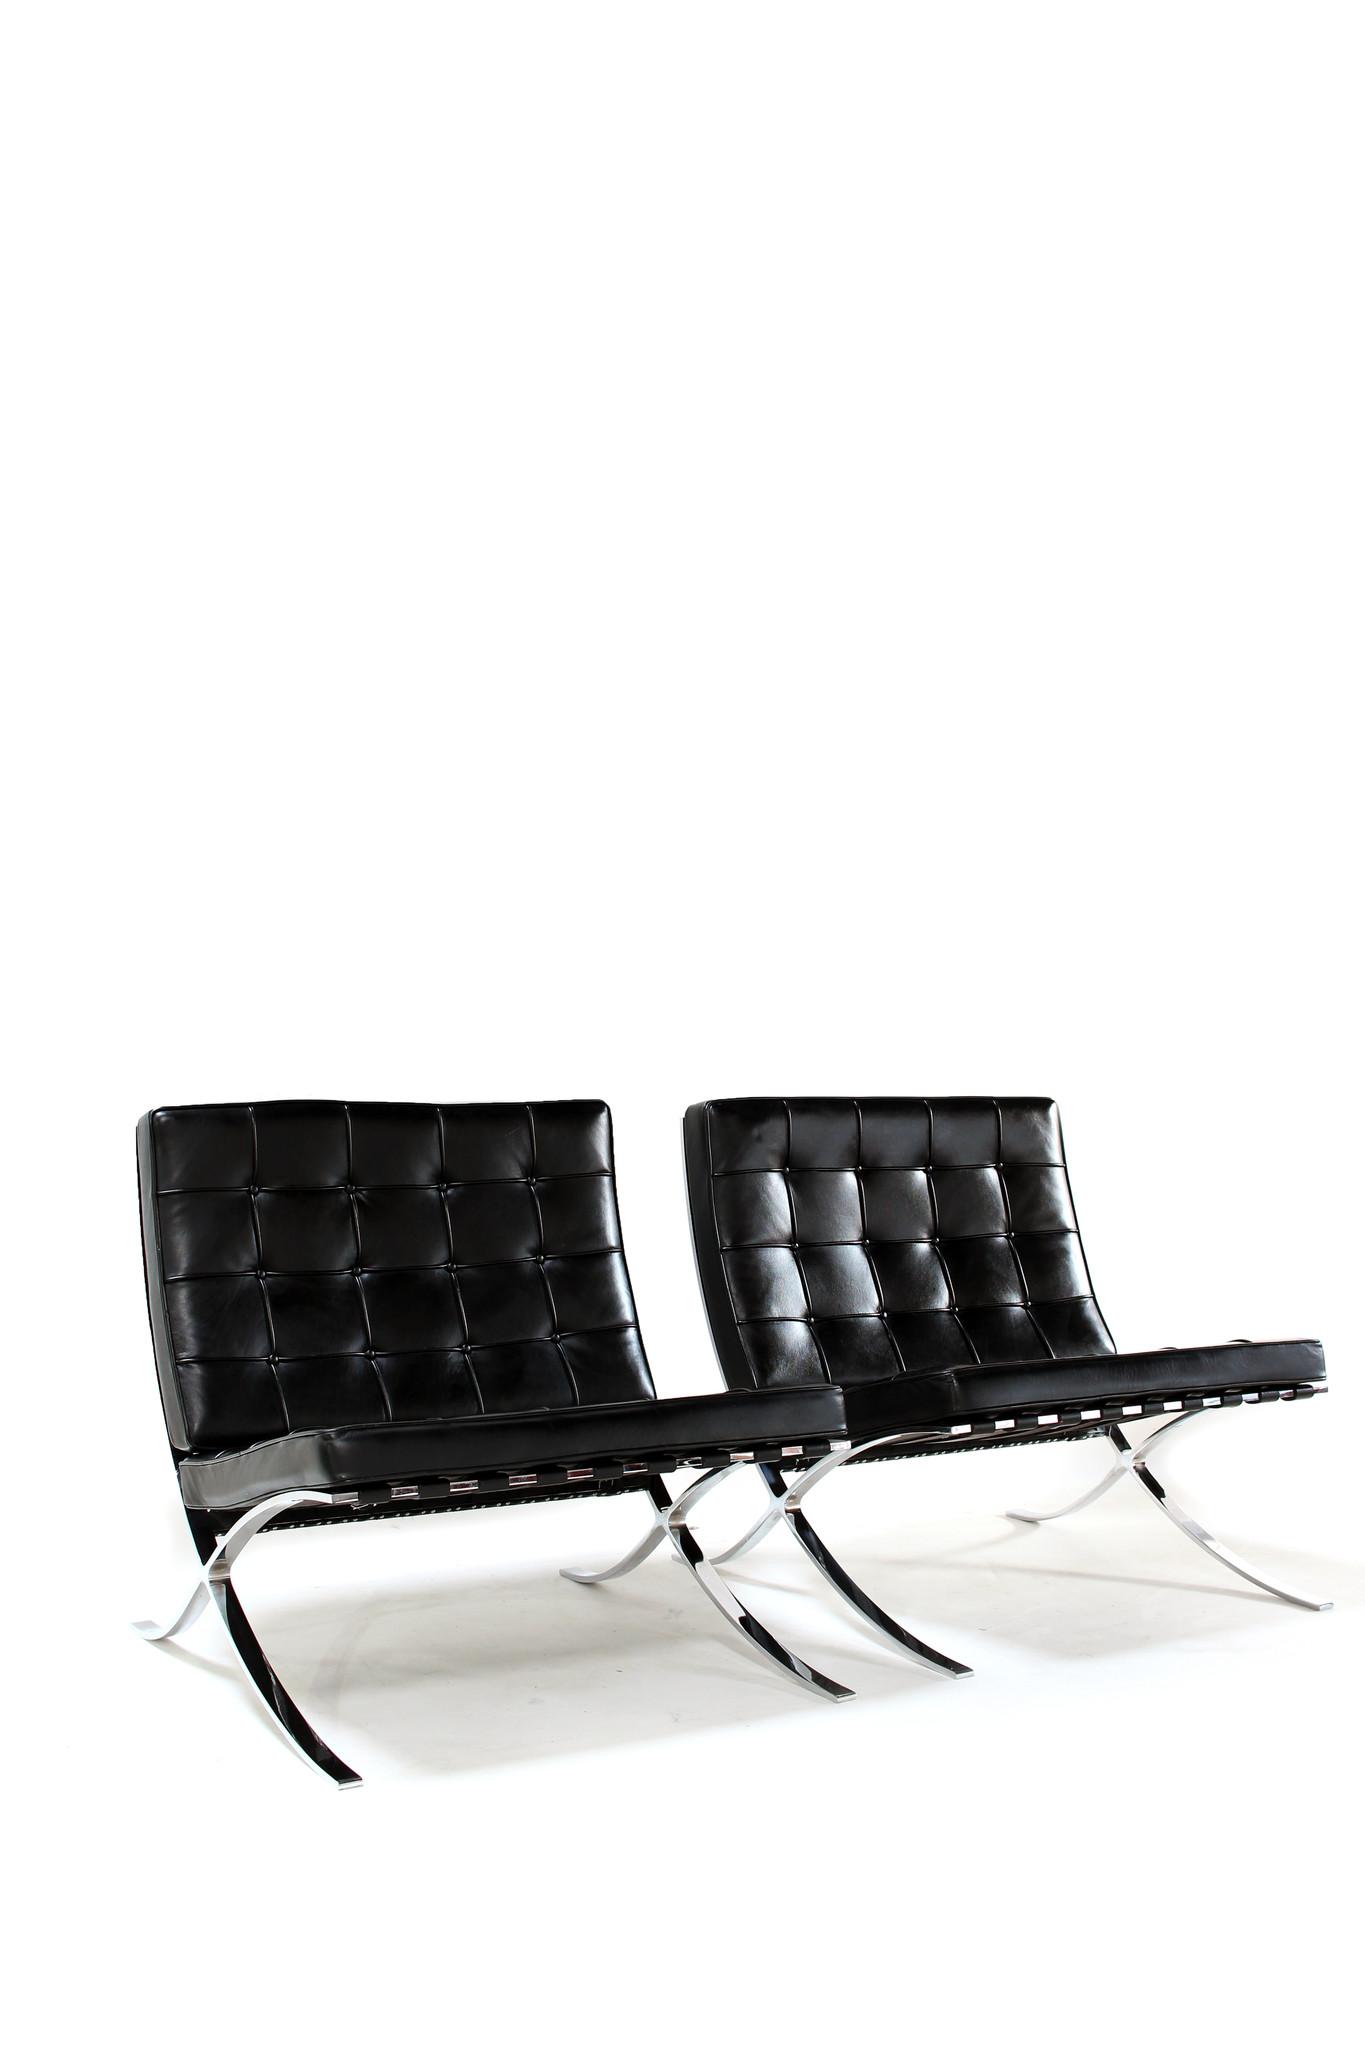 Set van 2 Barcelona Chairs voor Knoll ontworpen door Mies Van der Rohe